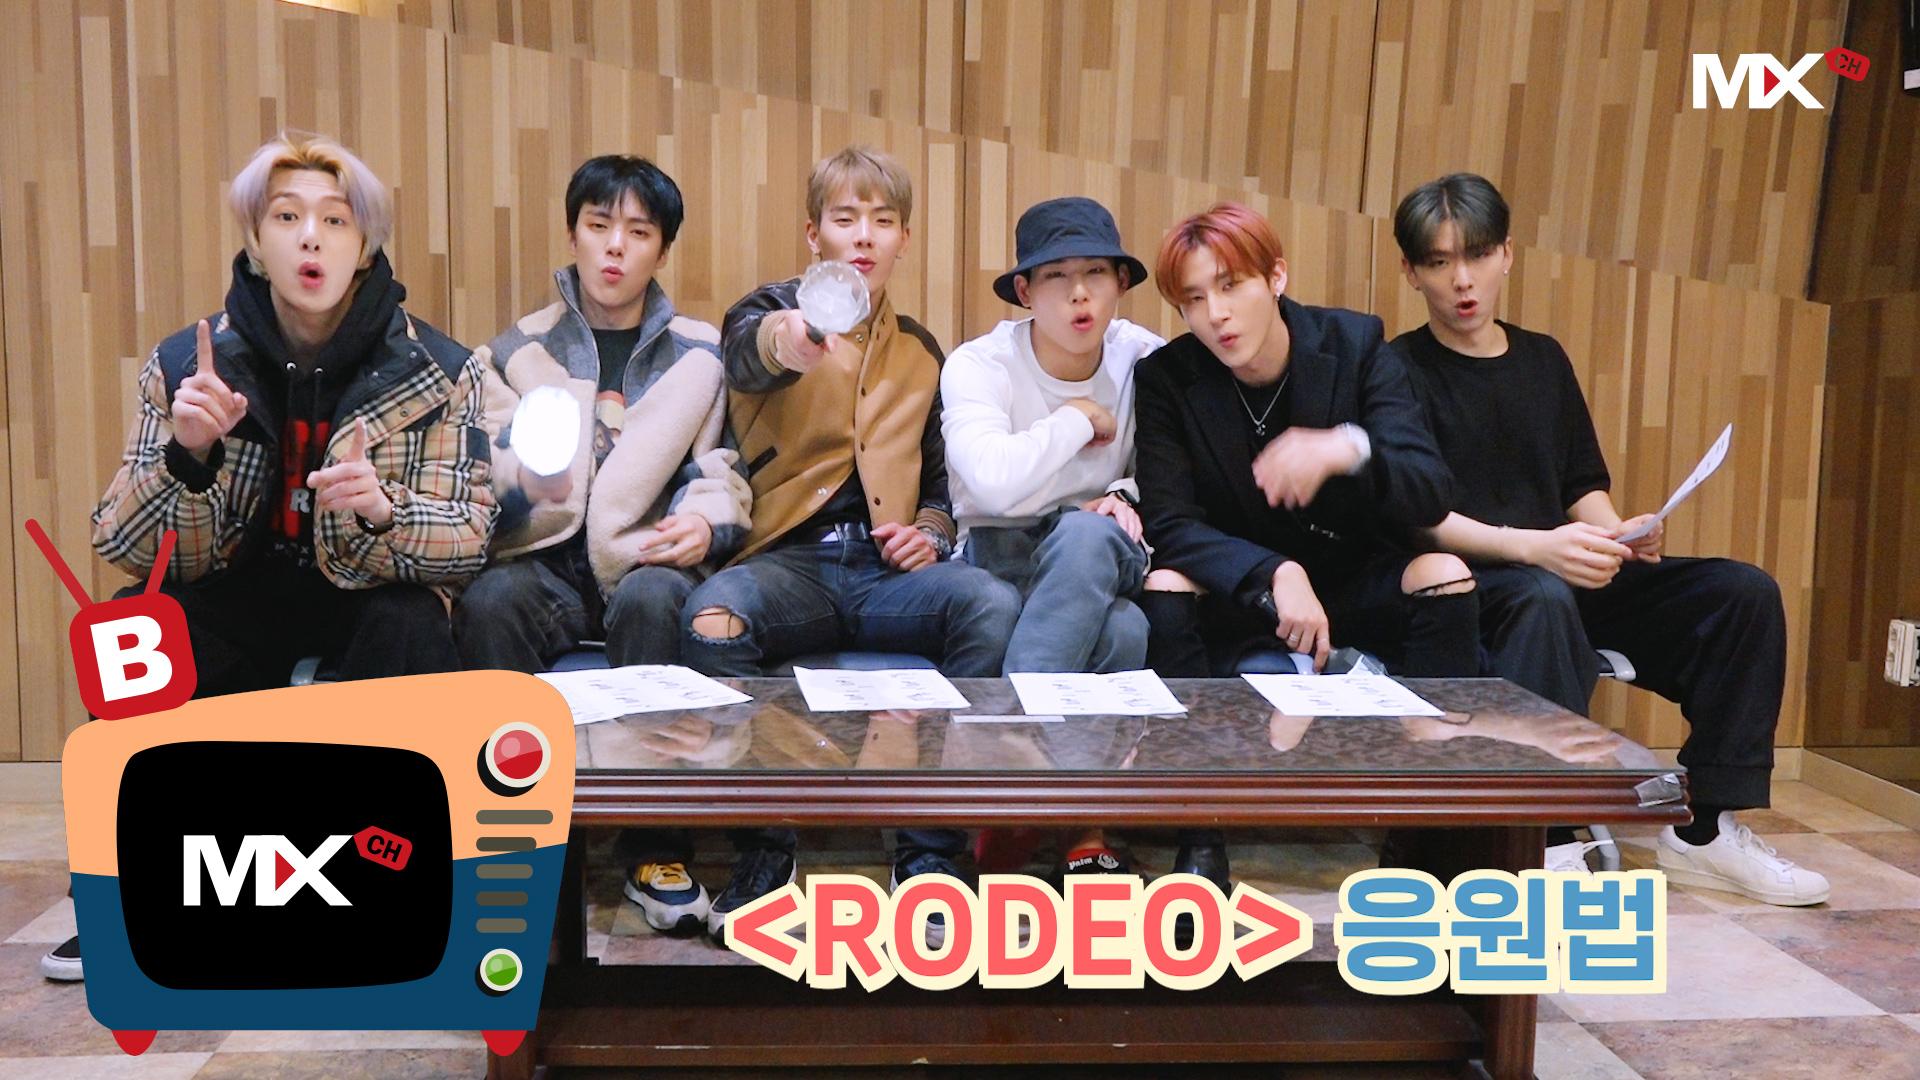 [몬채널][B] EP.158 'RODEO' 응원법 (Cheer Guide Video)